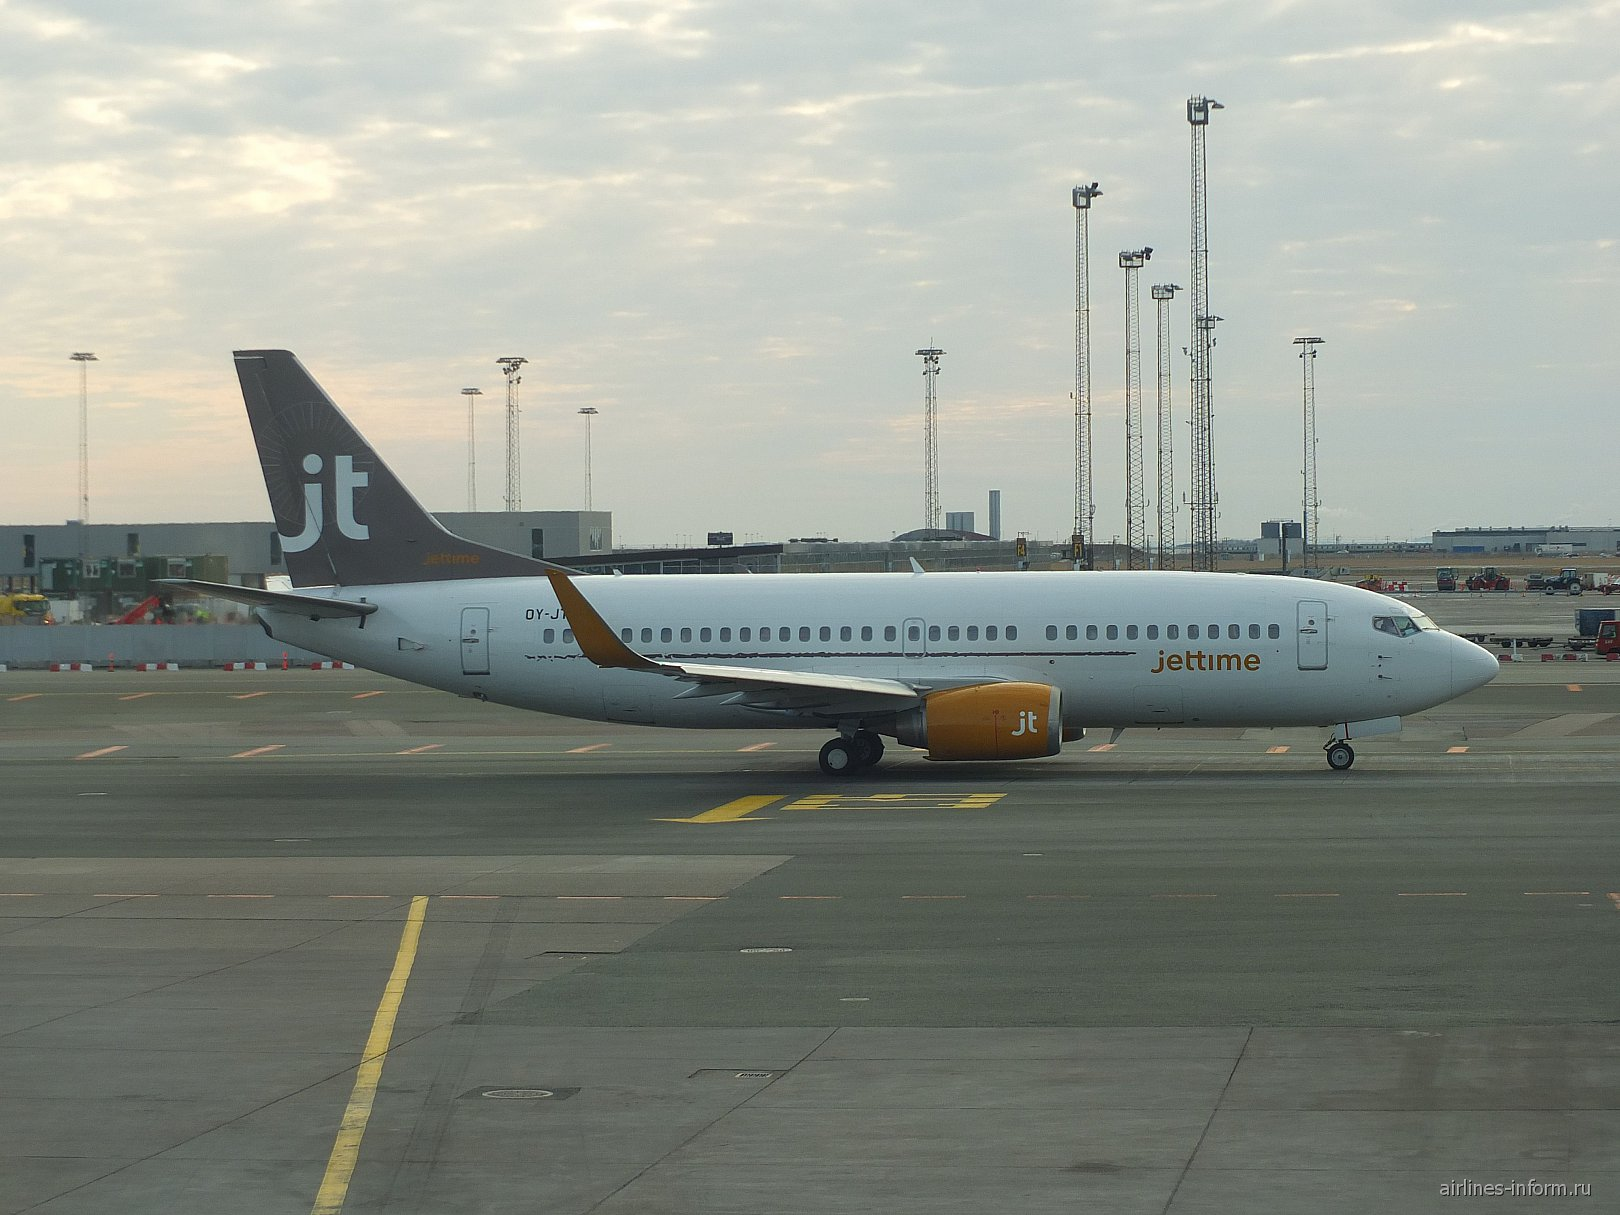 Boeing 737-700 авиакомпании Jet Time в аэропорту Копенгаген Каструп